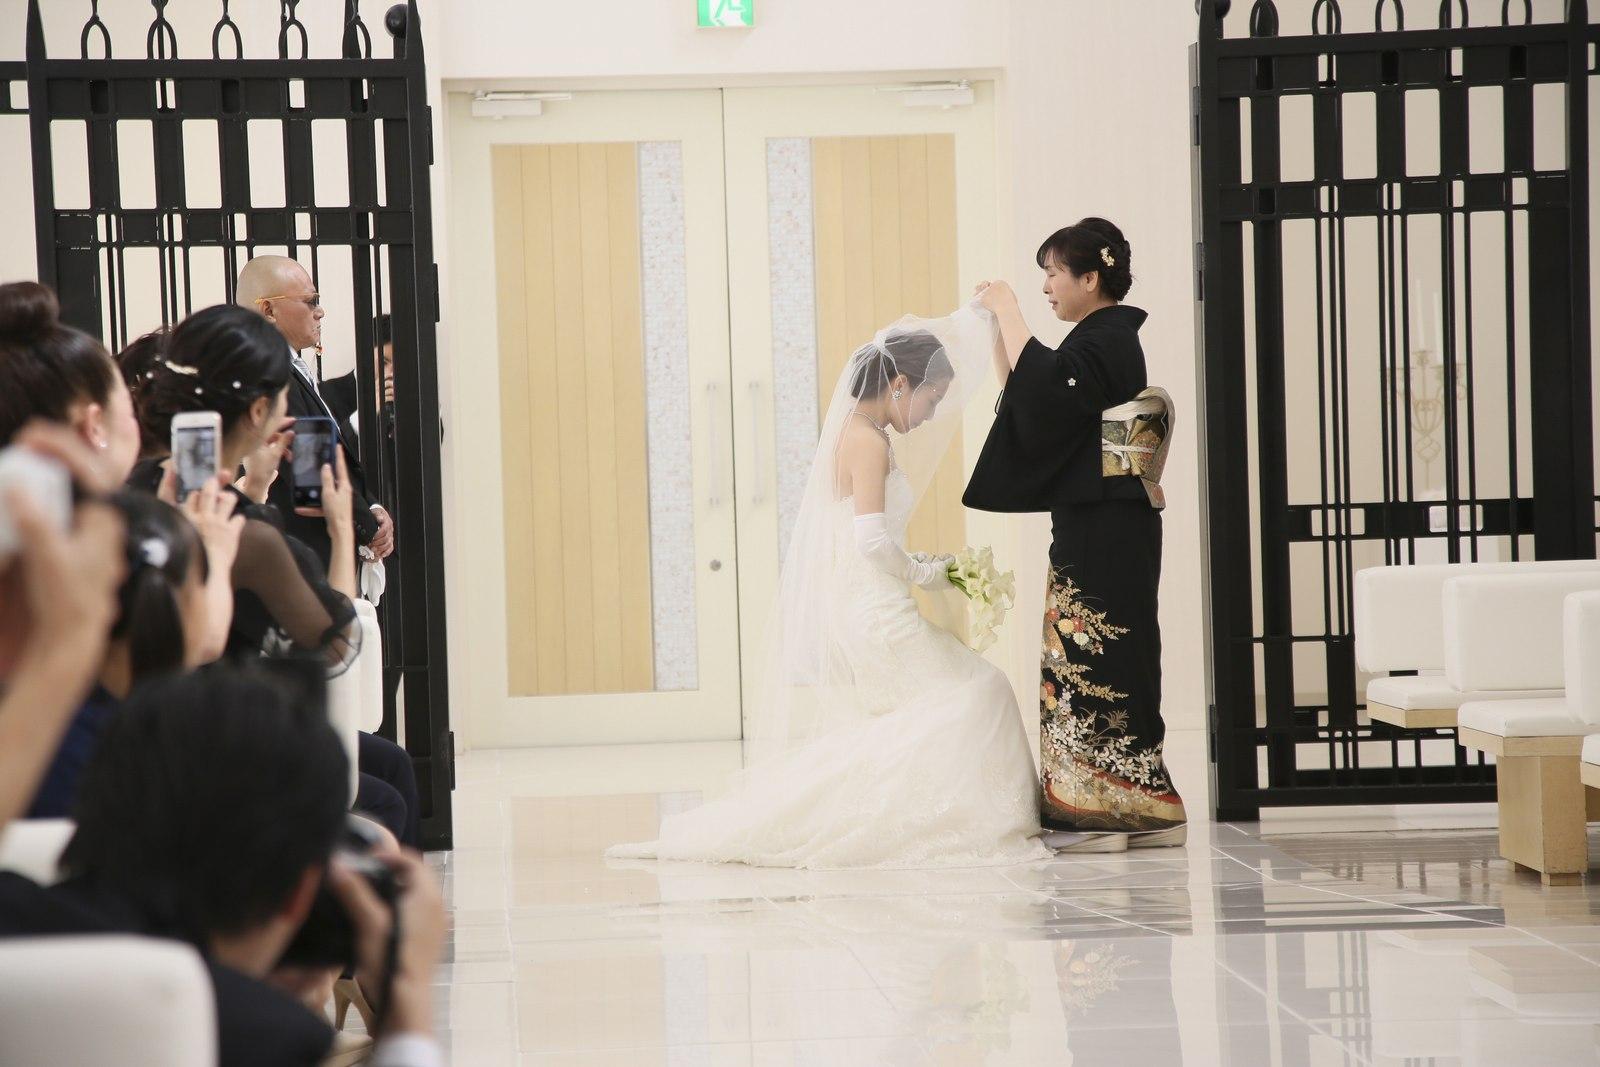 徳島市の結婚式場ブランアンジュのチャペルで新婦母によるベールダウン